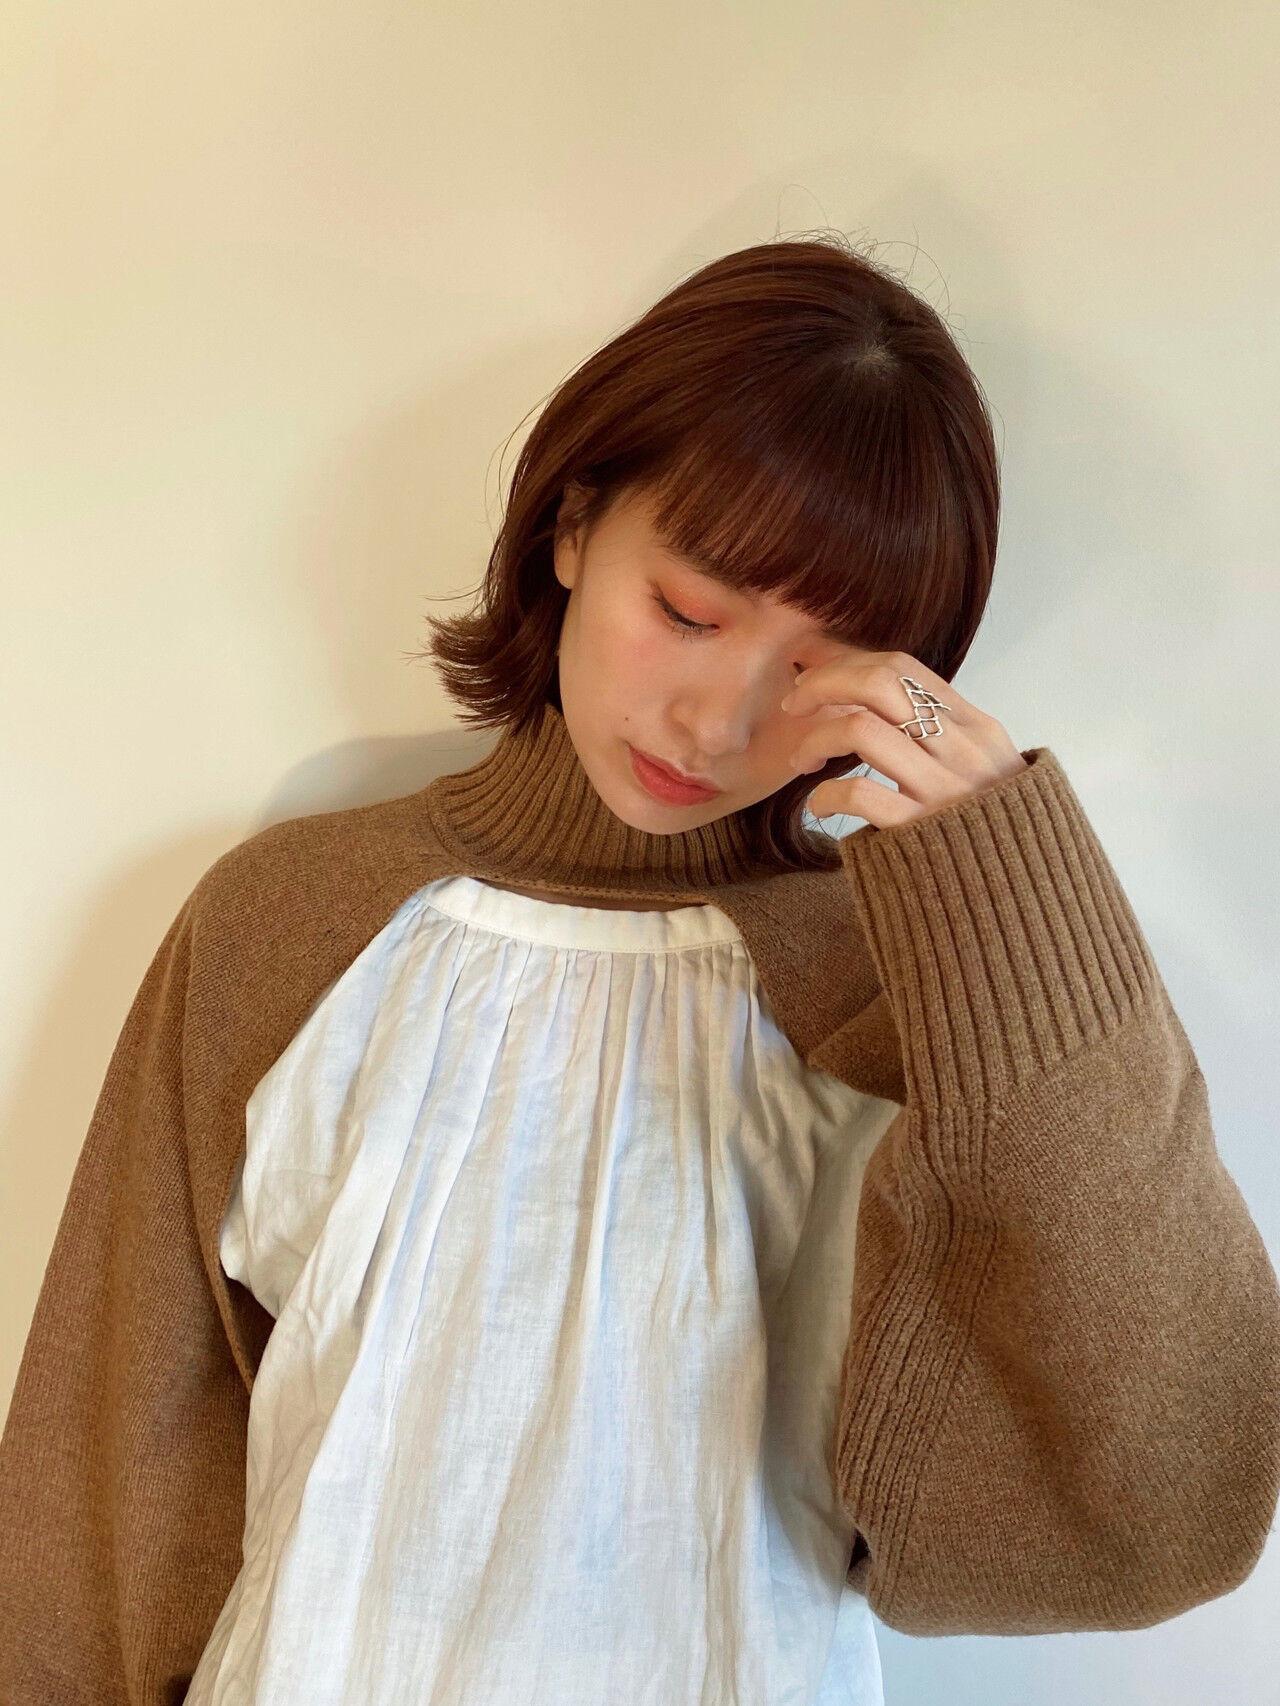 長持ちするカラー①ブラウン系 Gigi 鹿間真悠子  Gigi 表参道